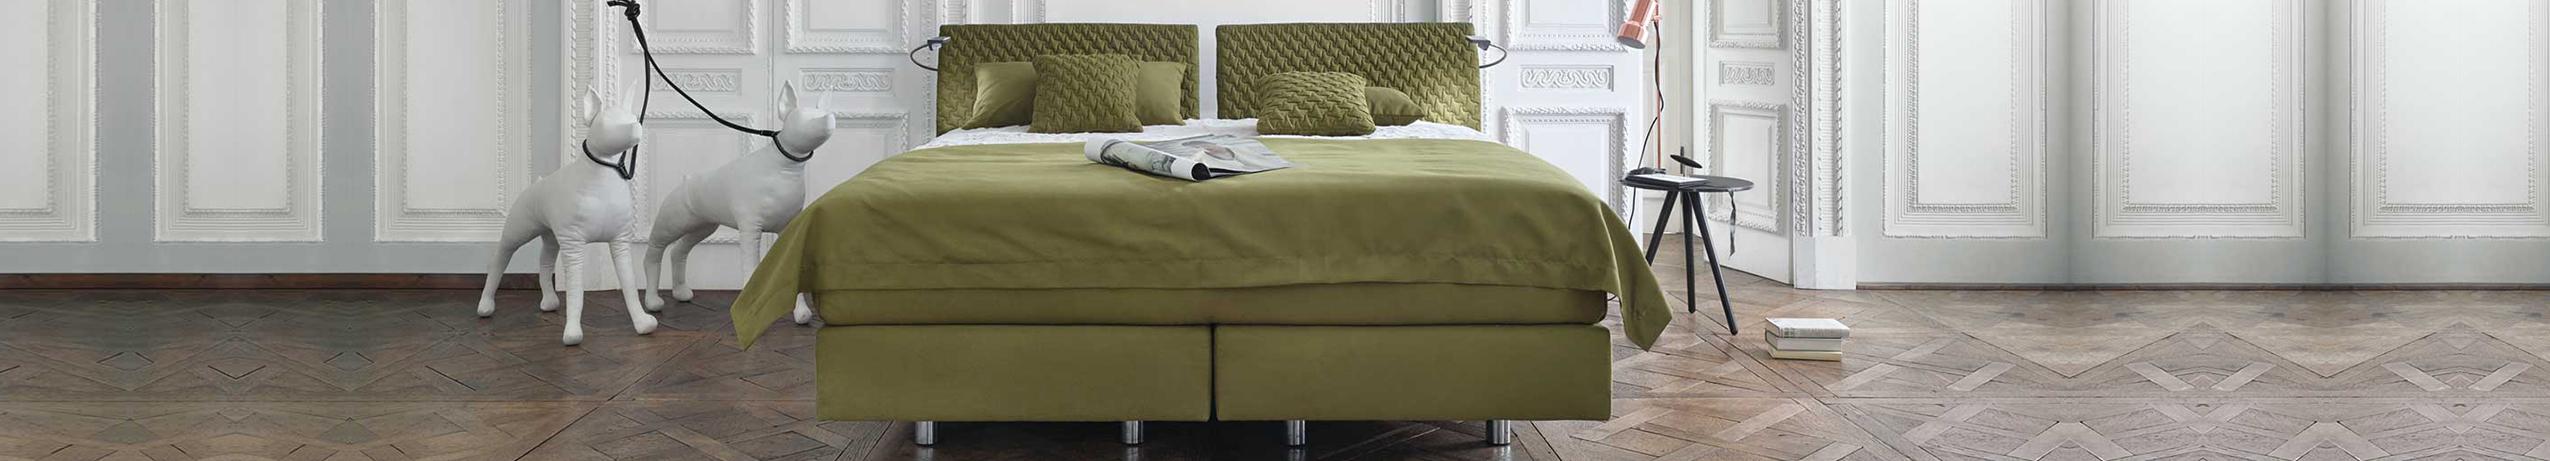 schlafkomfort b hrer wohnen. Black Bedroom Furniture Sets. Home Design Ideas